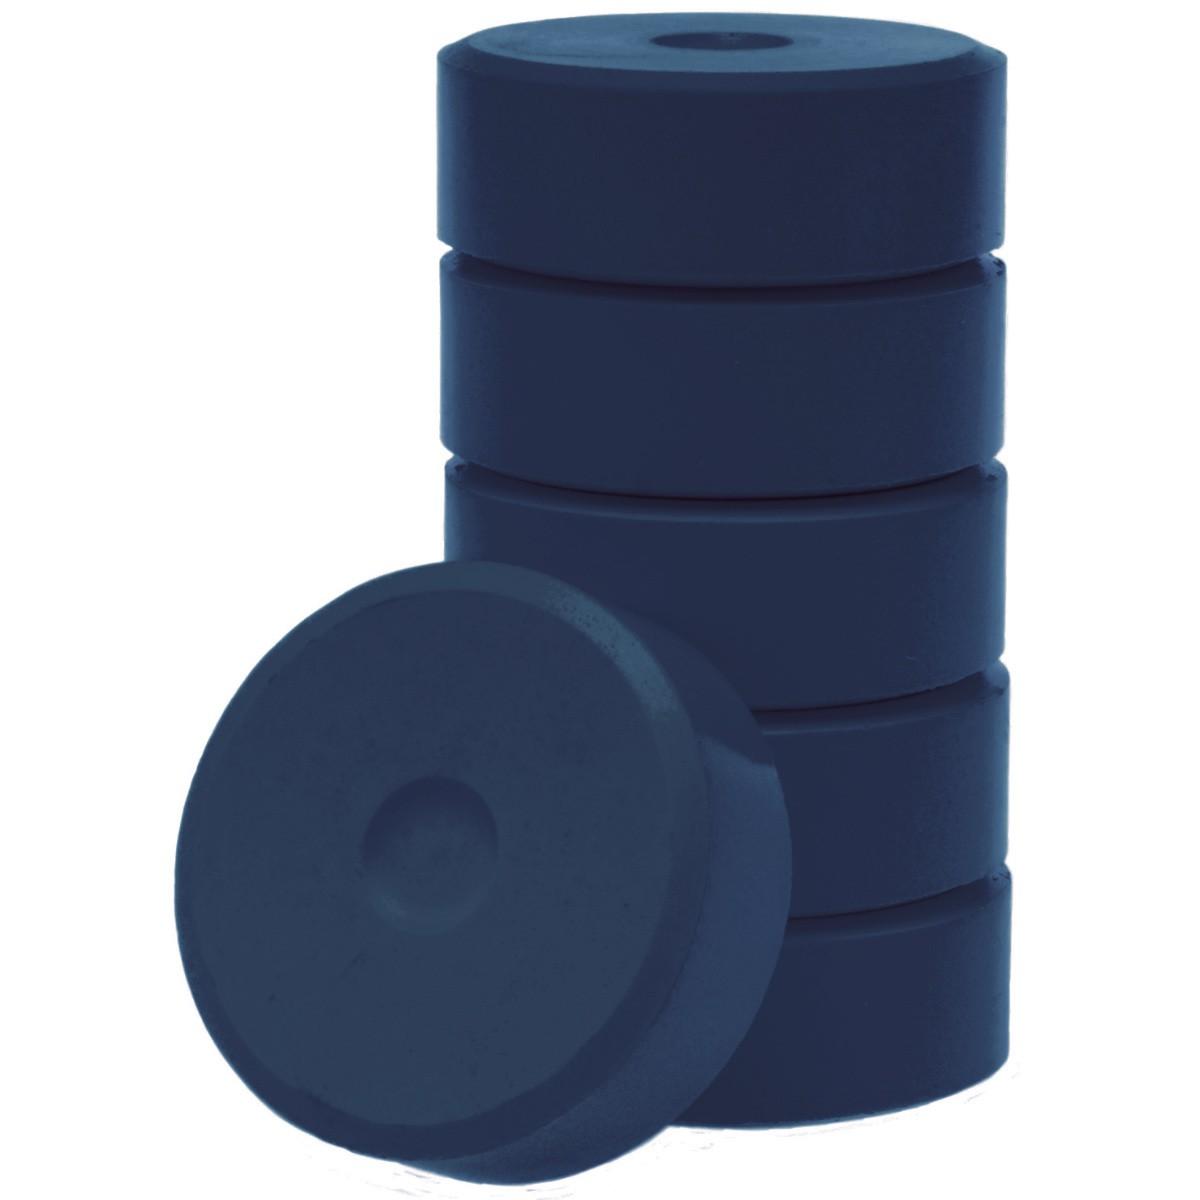 Tempera-Blöcke 55mm schwarz 6 Stück - hochwertige Tempera Farb Pucks / Farbtabletten